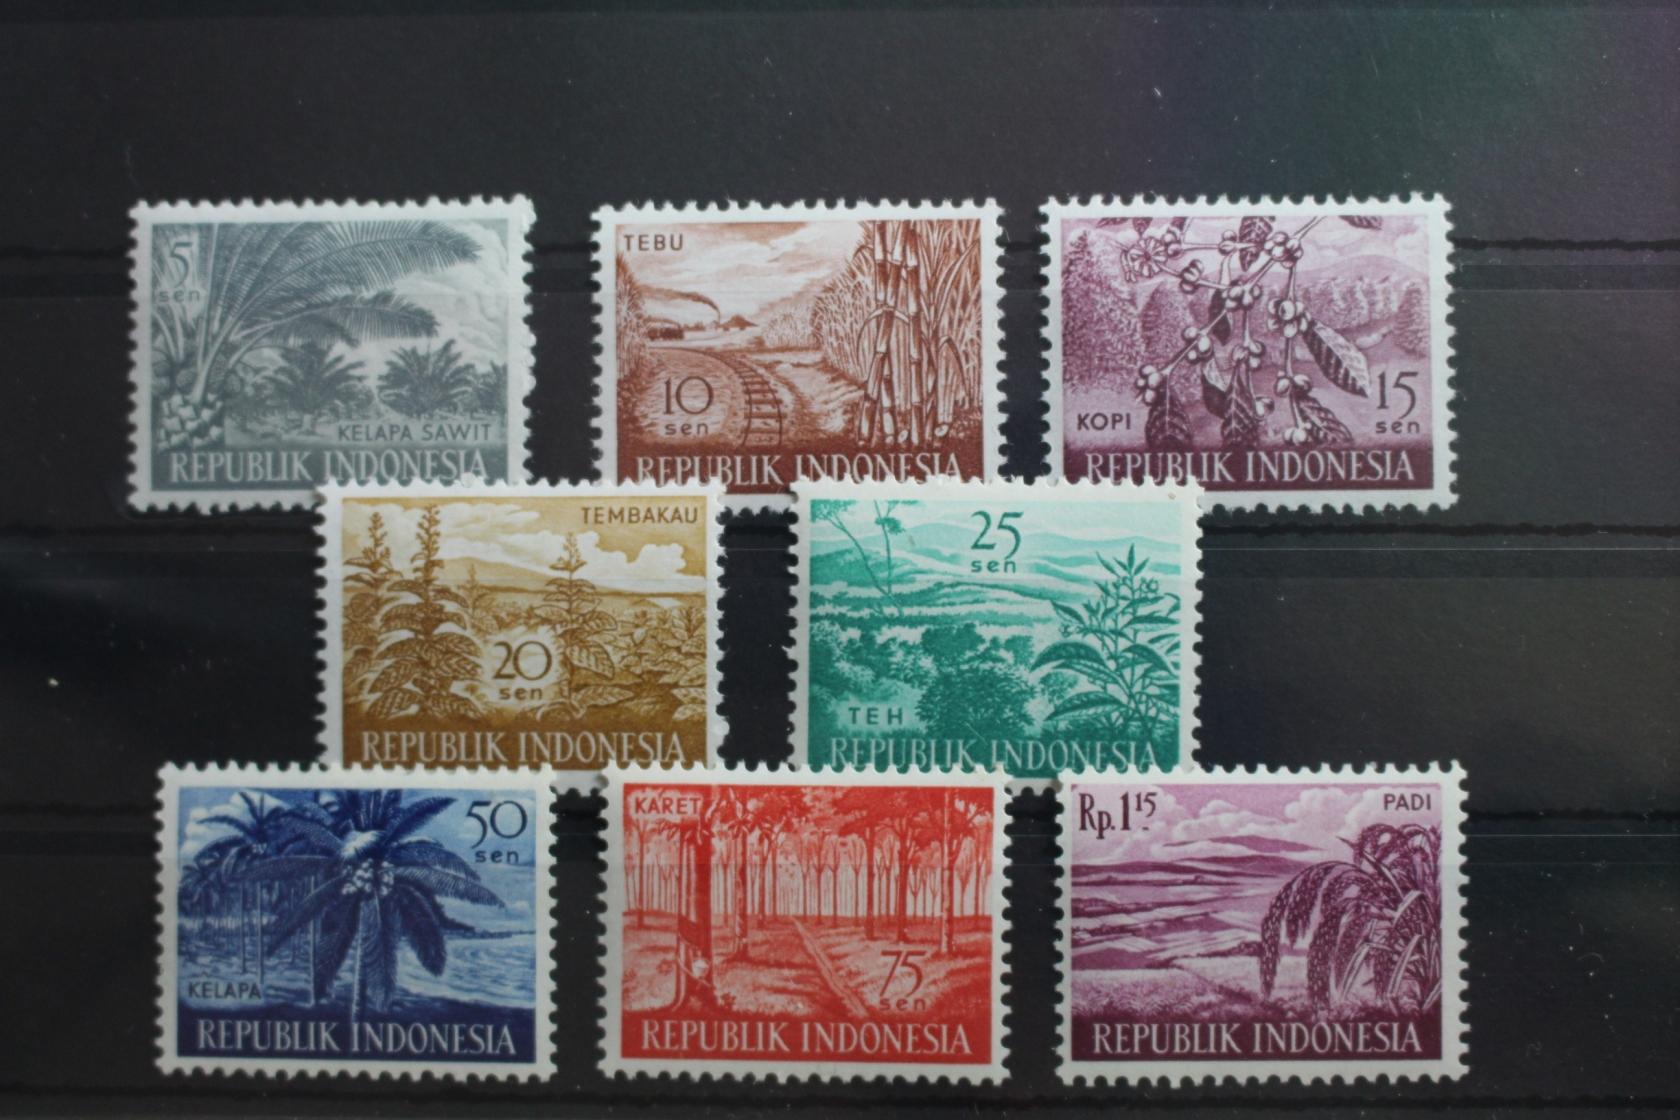 Familie & Soziales Bolivien Block 97 Postfrisch motiv : Jdk Briefmarken